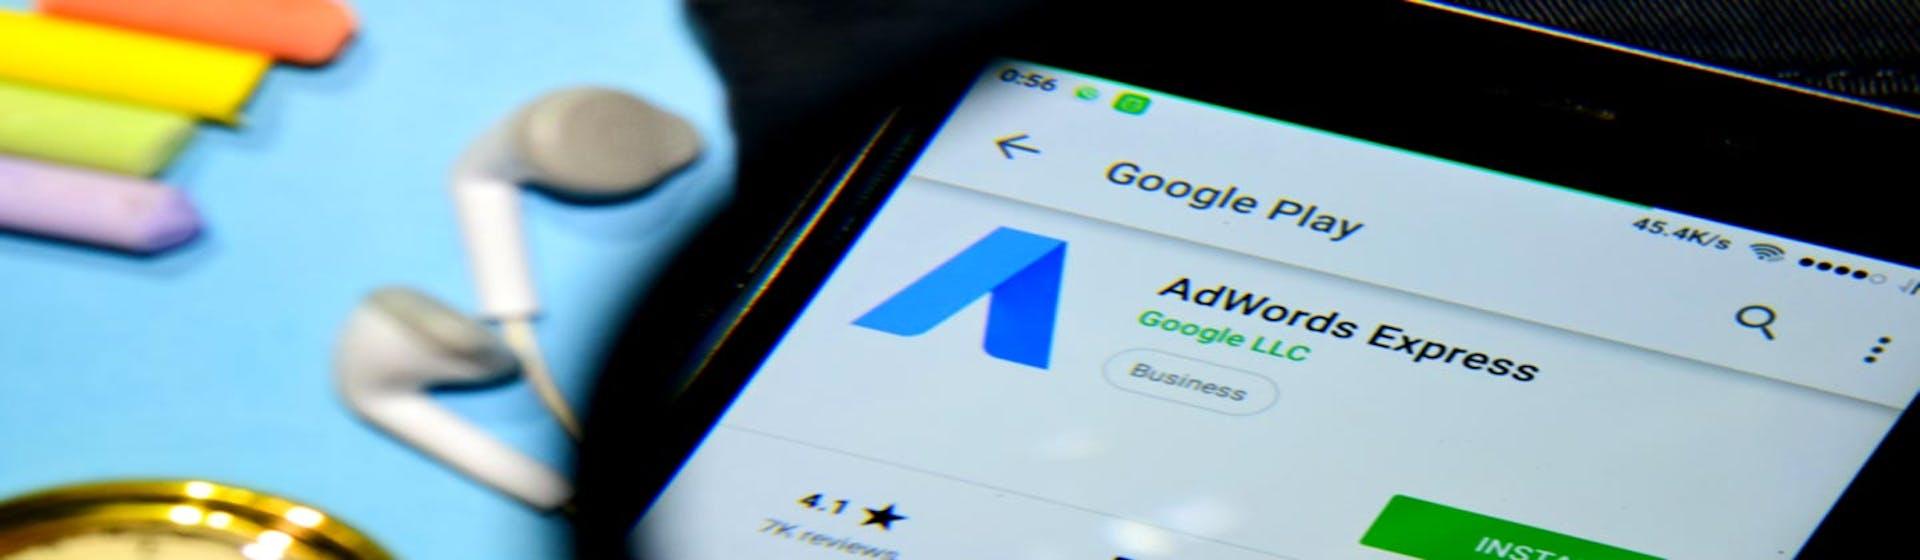 Descubre Google Ads Express y ¡crea anuncios que nadie evitará!